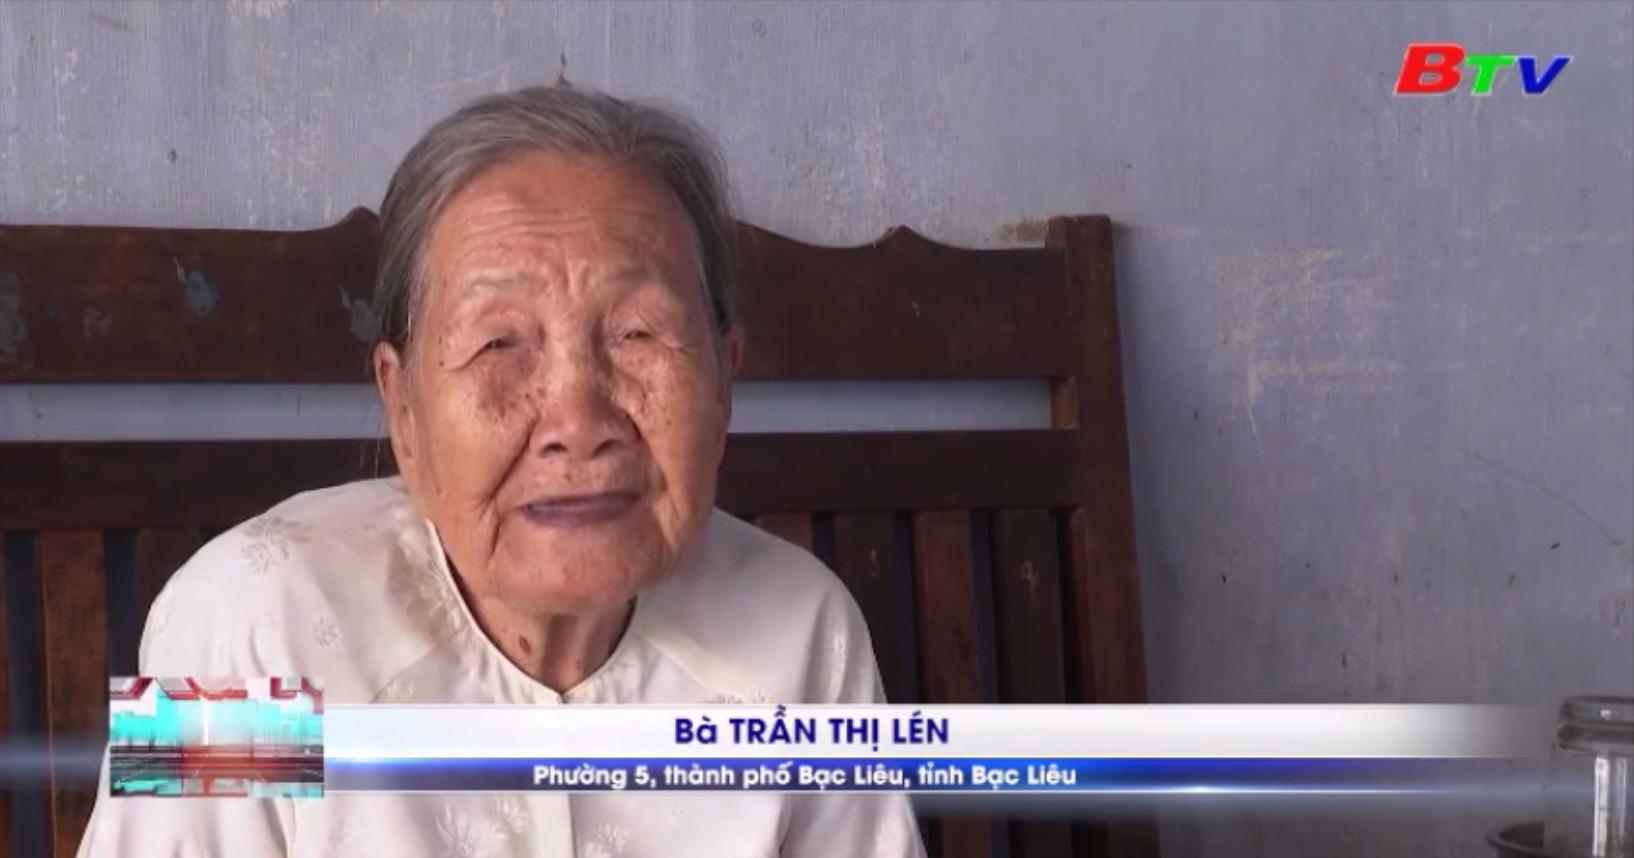 Cụ bà 93 tuổi đi bộ đến UBND phường ủng hộ tiền phòng chống dịch Covid-19